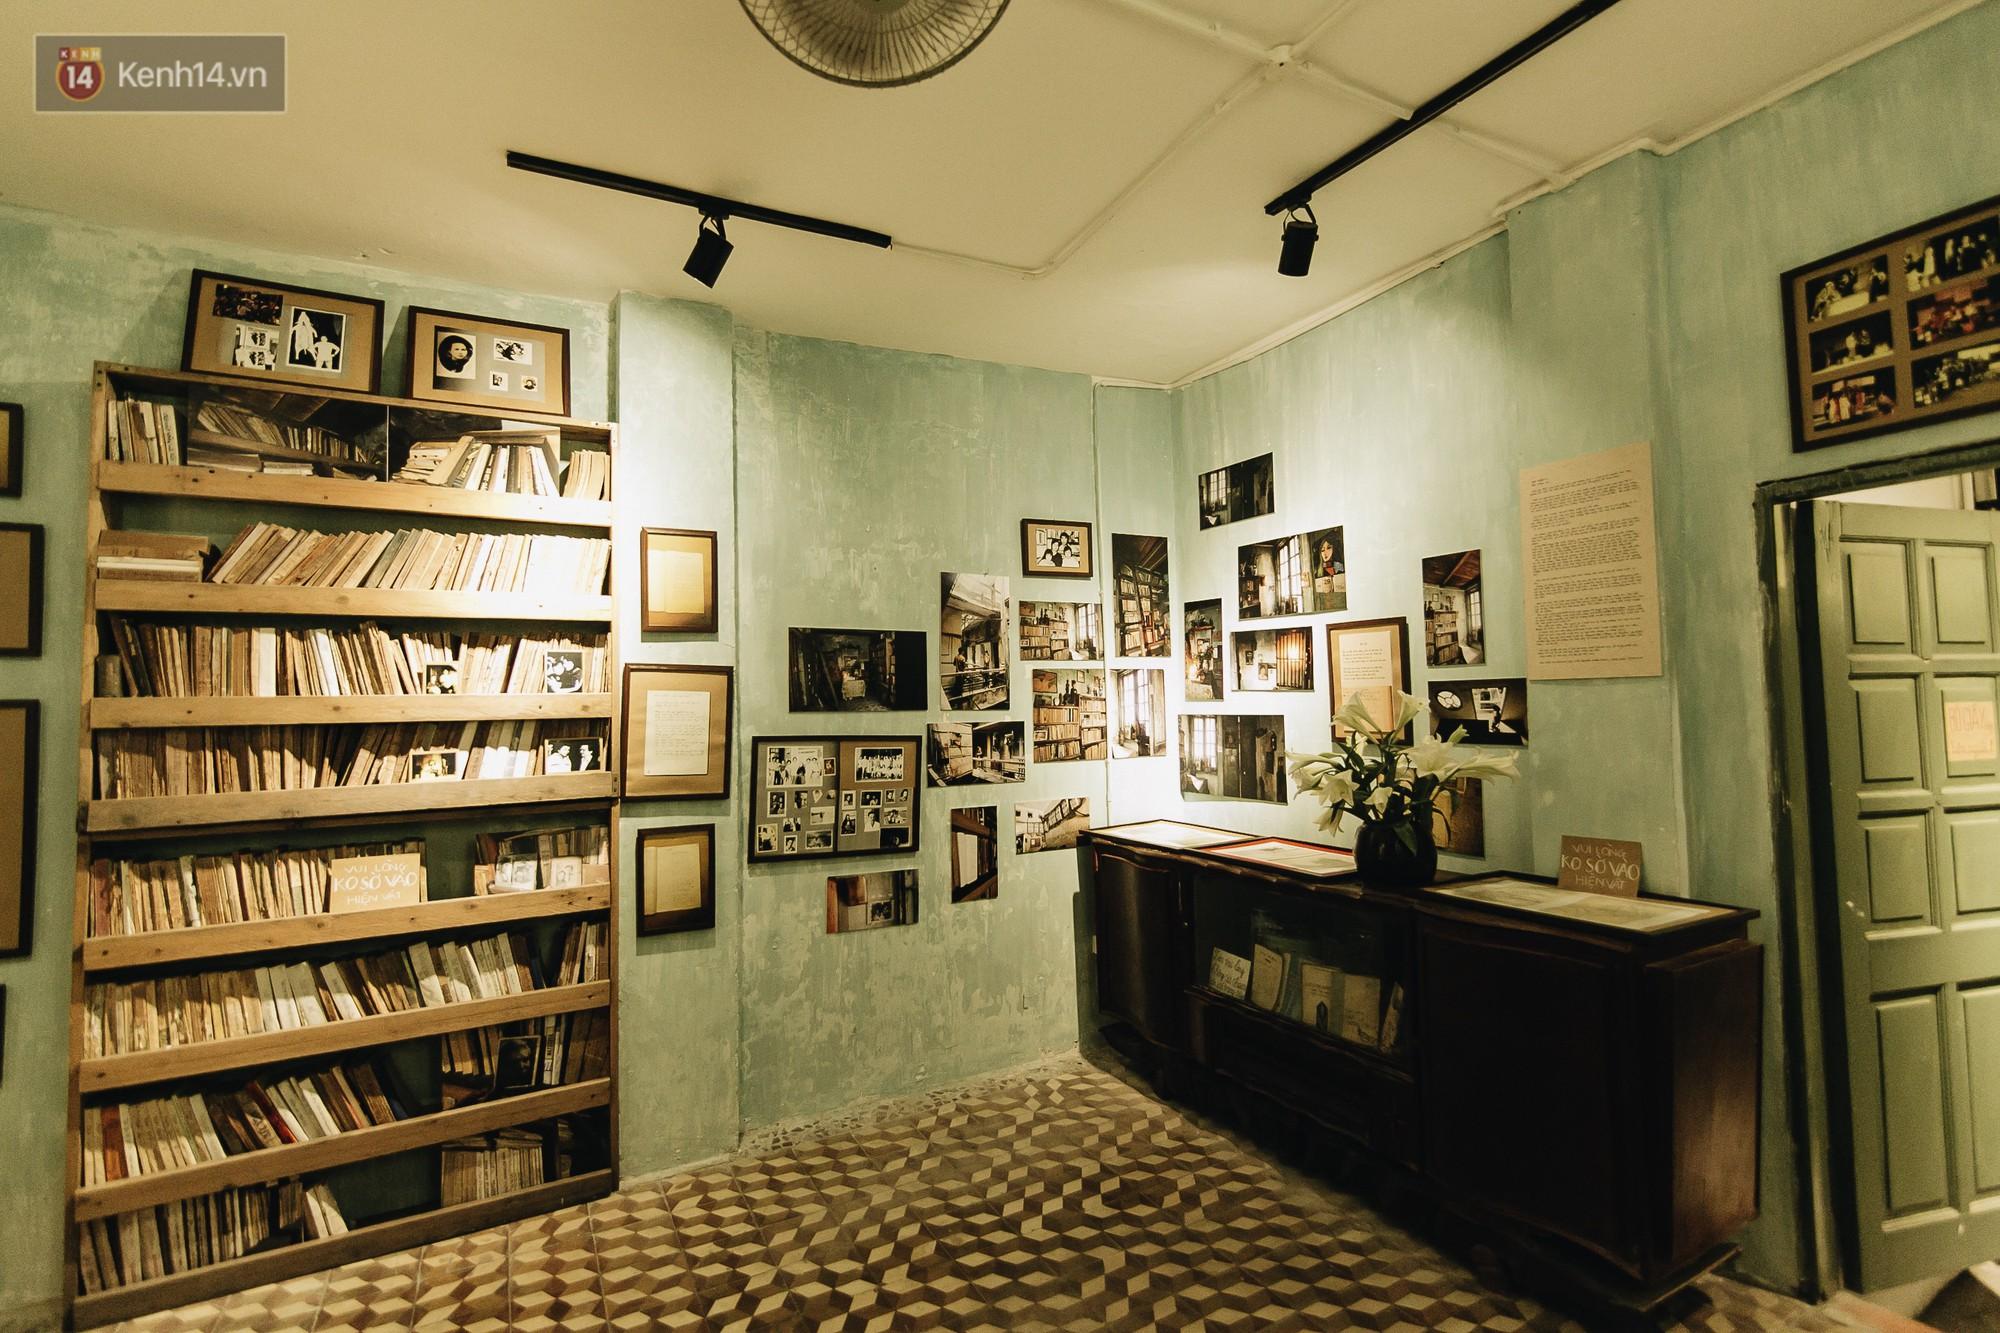 Chuyện về căn phòng 6m2 của vợ chồng Lưu Quang Vũ - Xuân Quỳnh và đêm thơ tưởng nhớ đầy cảm xúc ở Hà Nội - Ảnh 15.